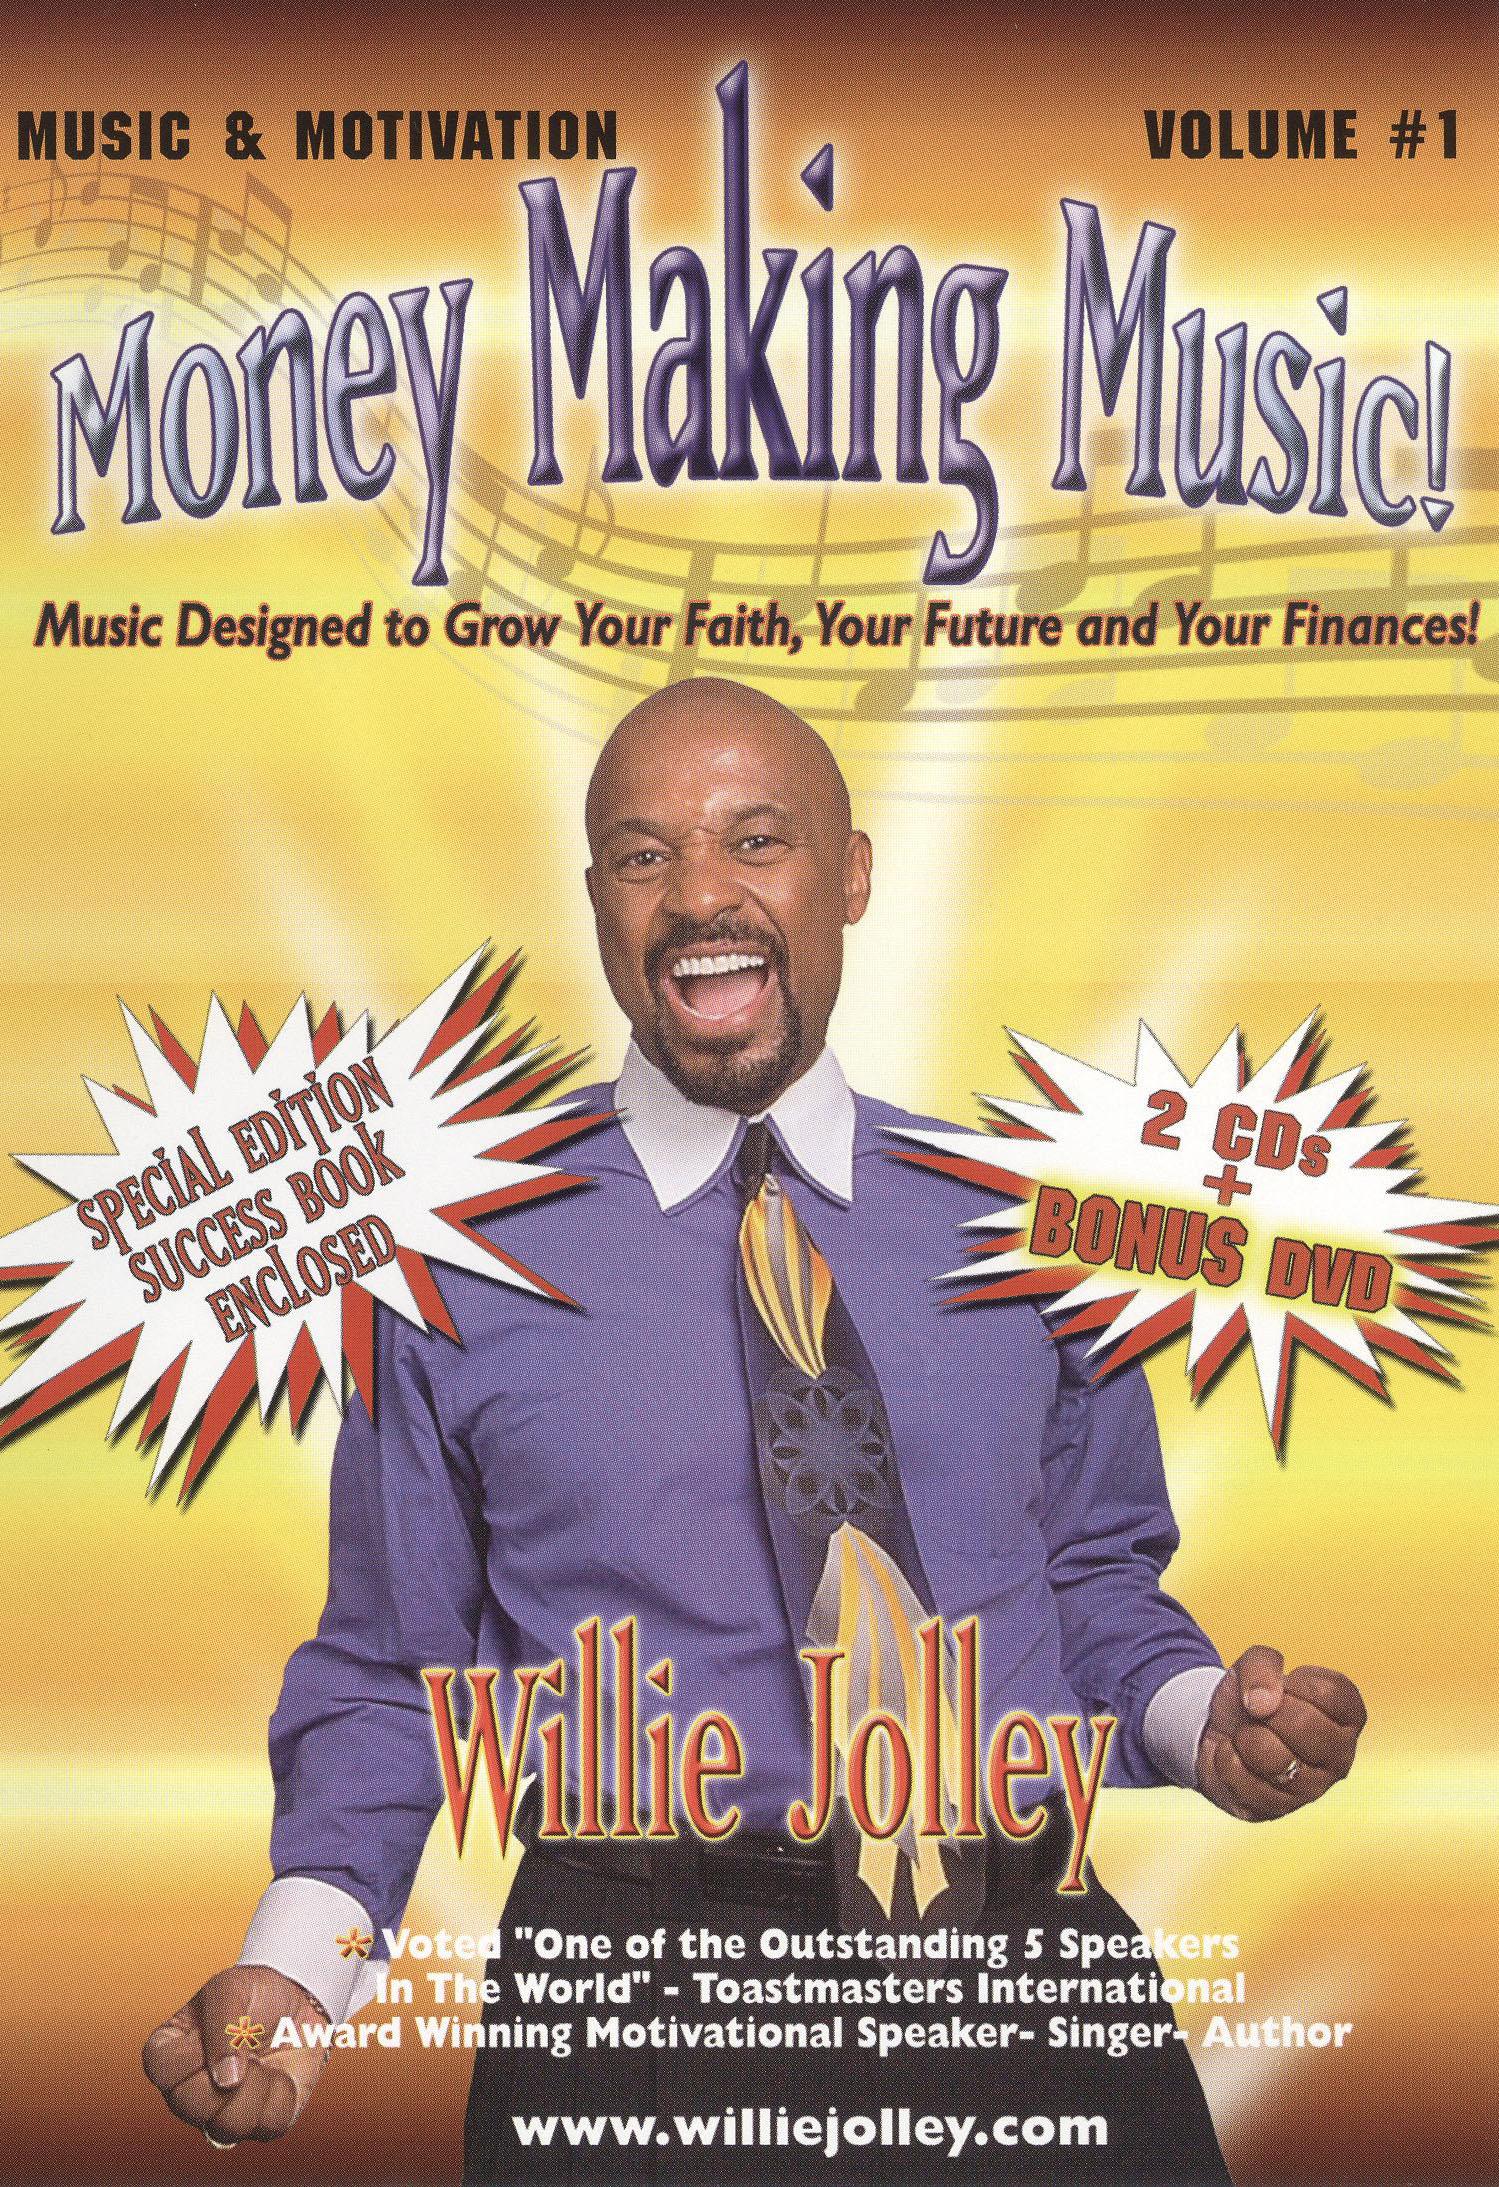 Willie Jolley: Music & Motivation, Vol. 1 - Money Making Music!